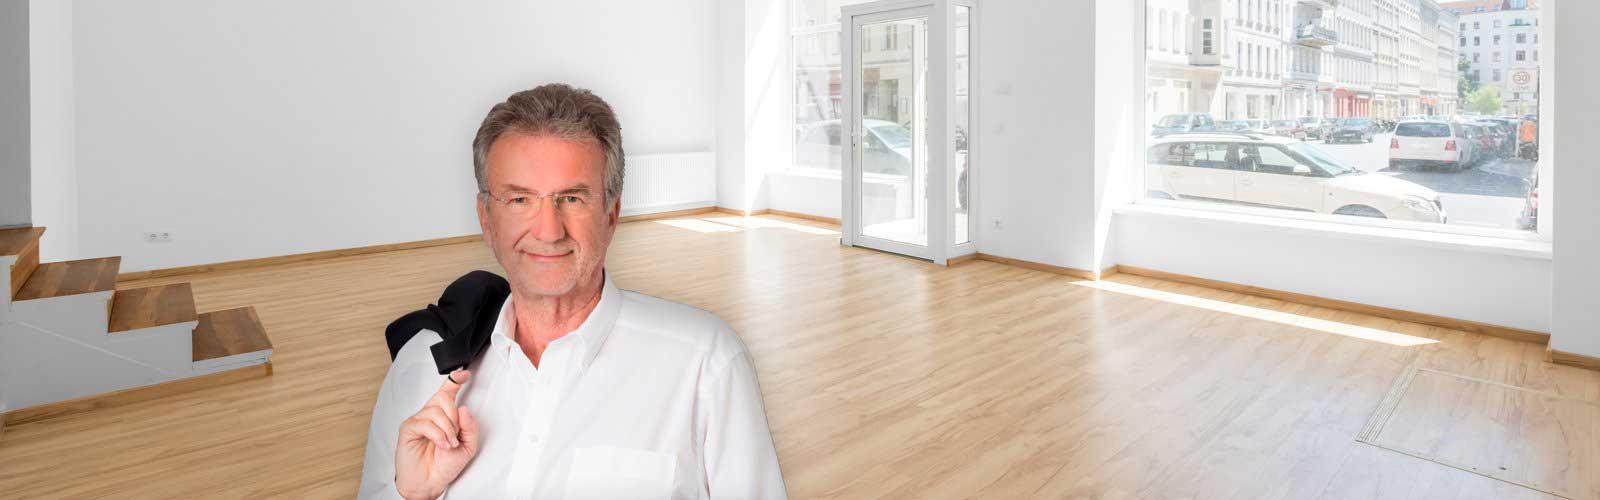 Bernd Köhler, Inhaber Heusenstamm Immobilien